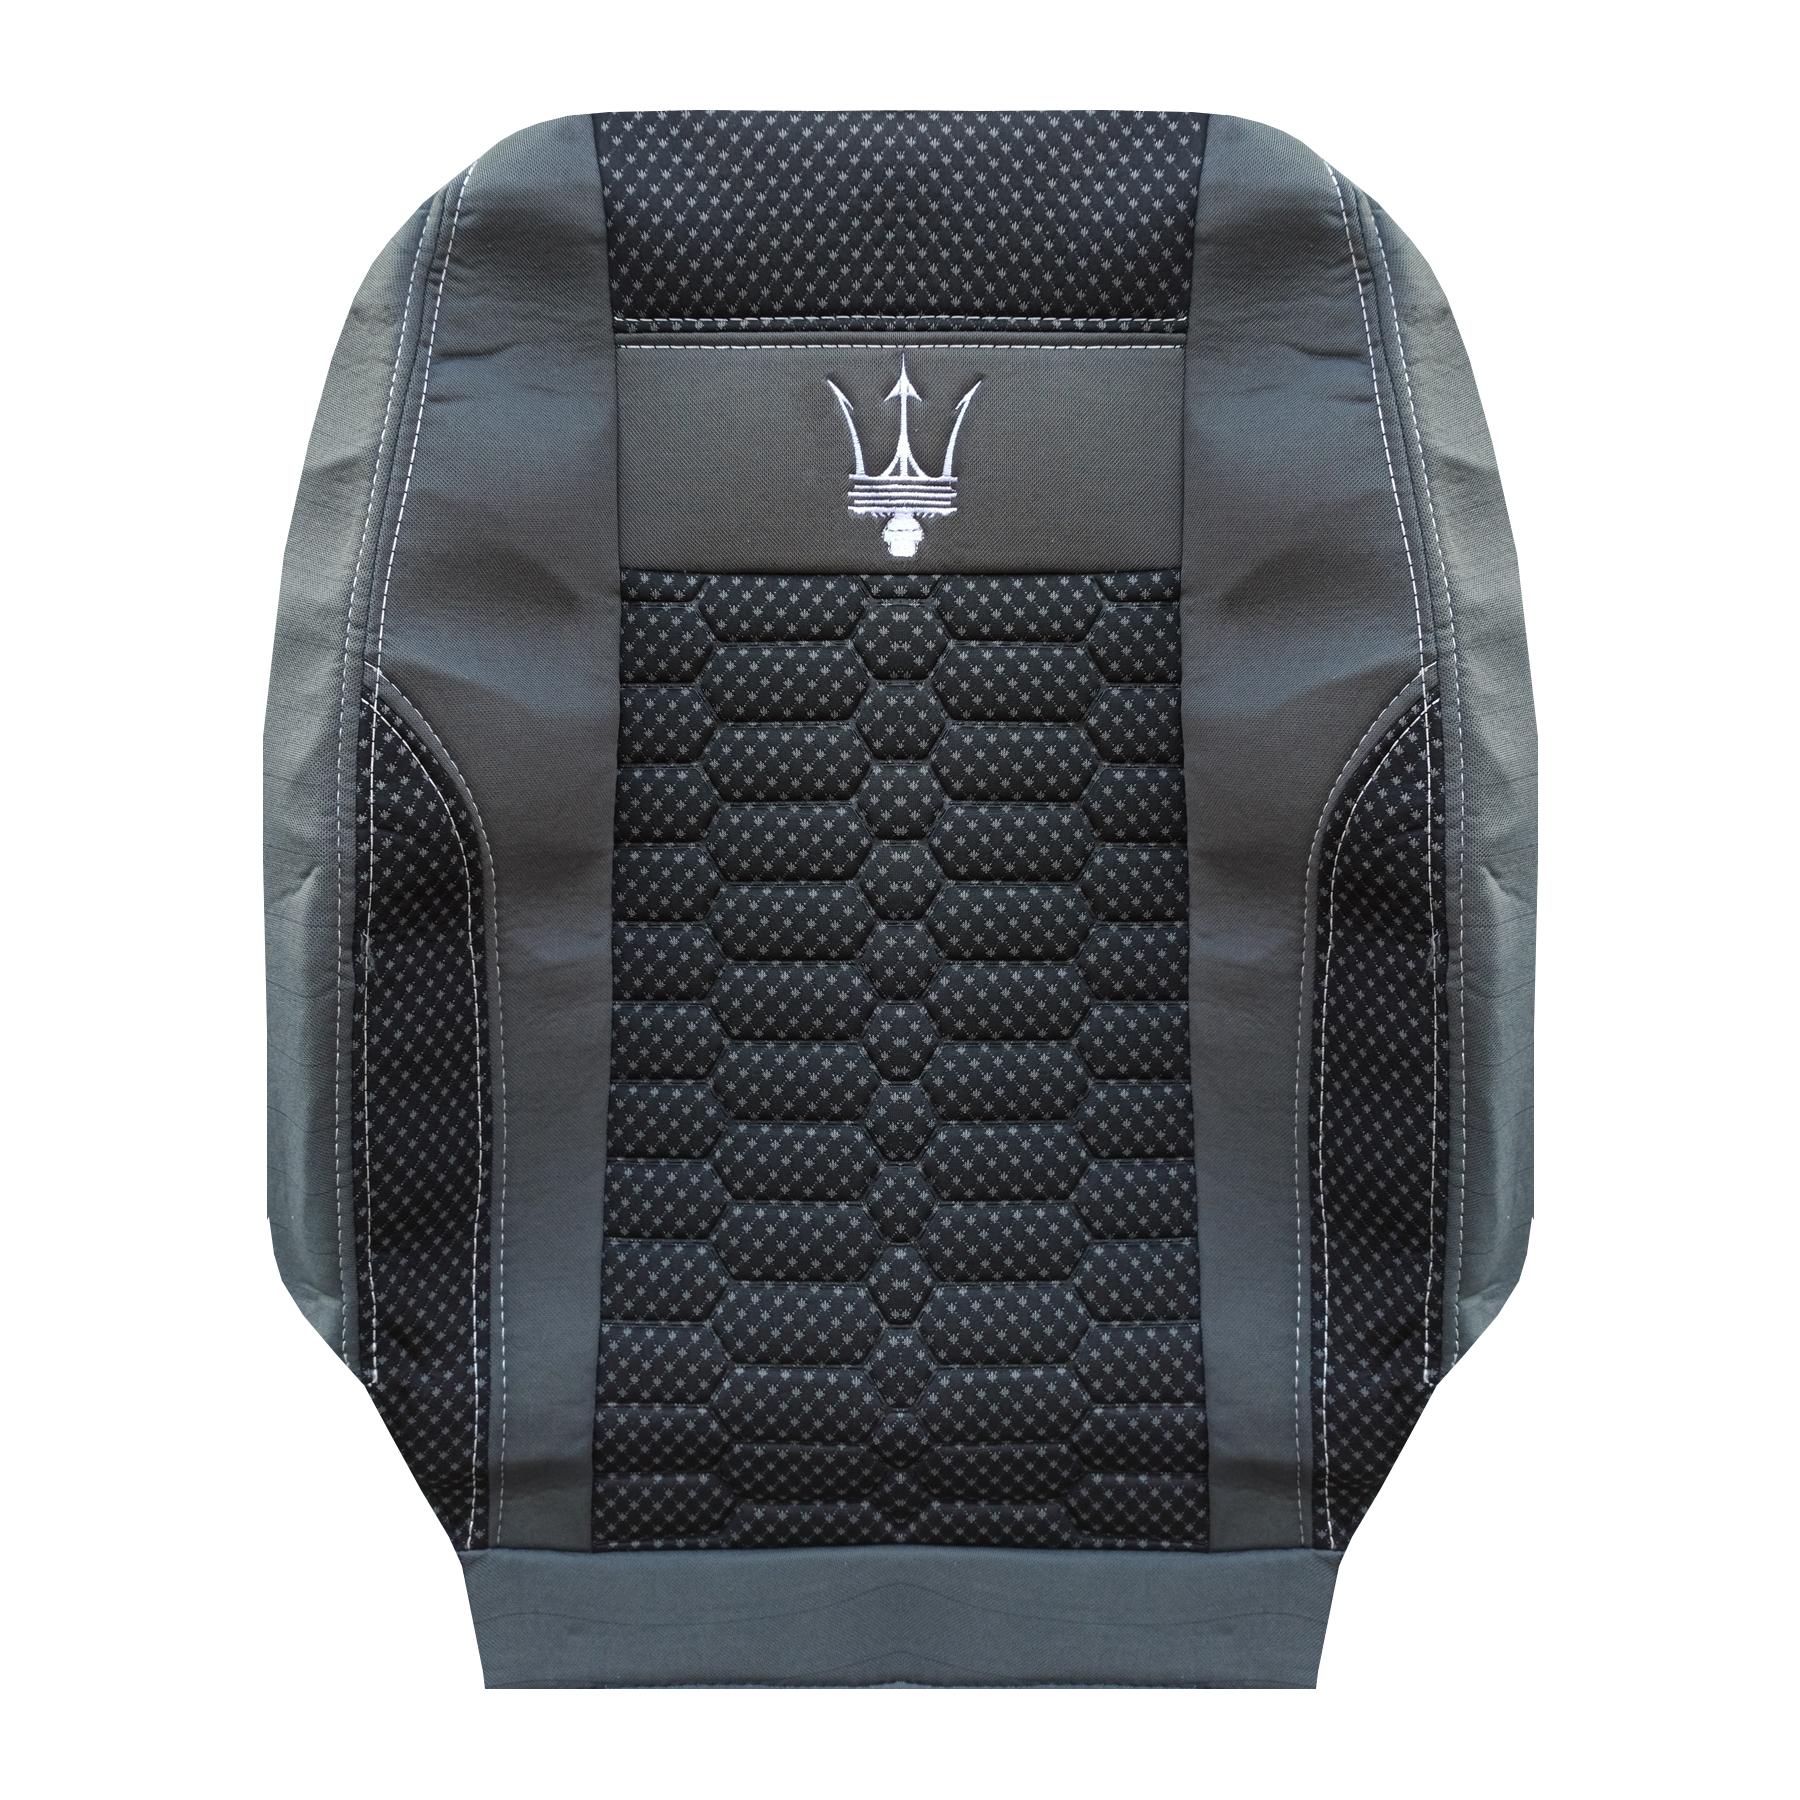 روکش صندلی خودرو مدل SAR003 مناسب برای پراید 131 thumb 2